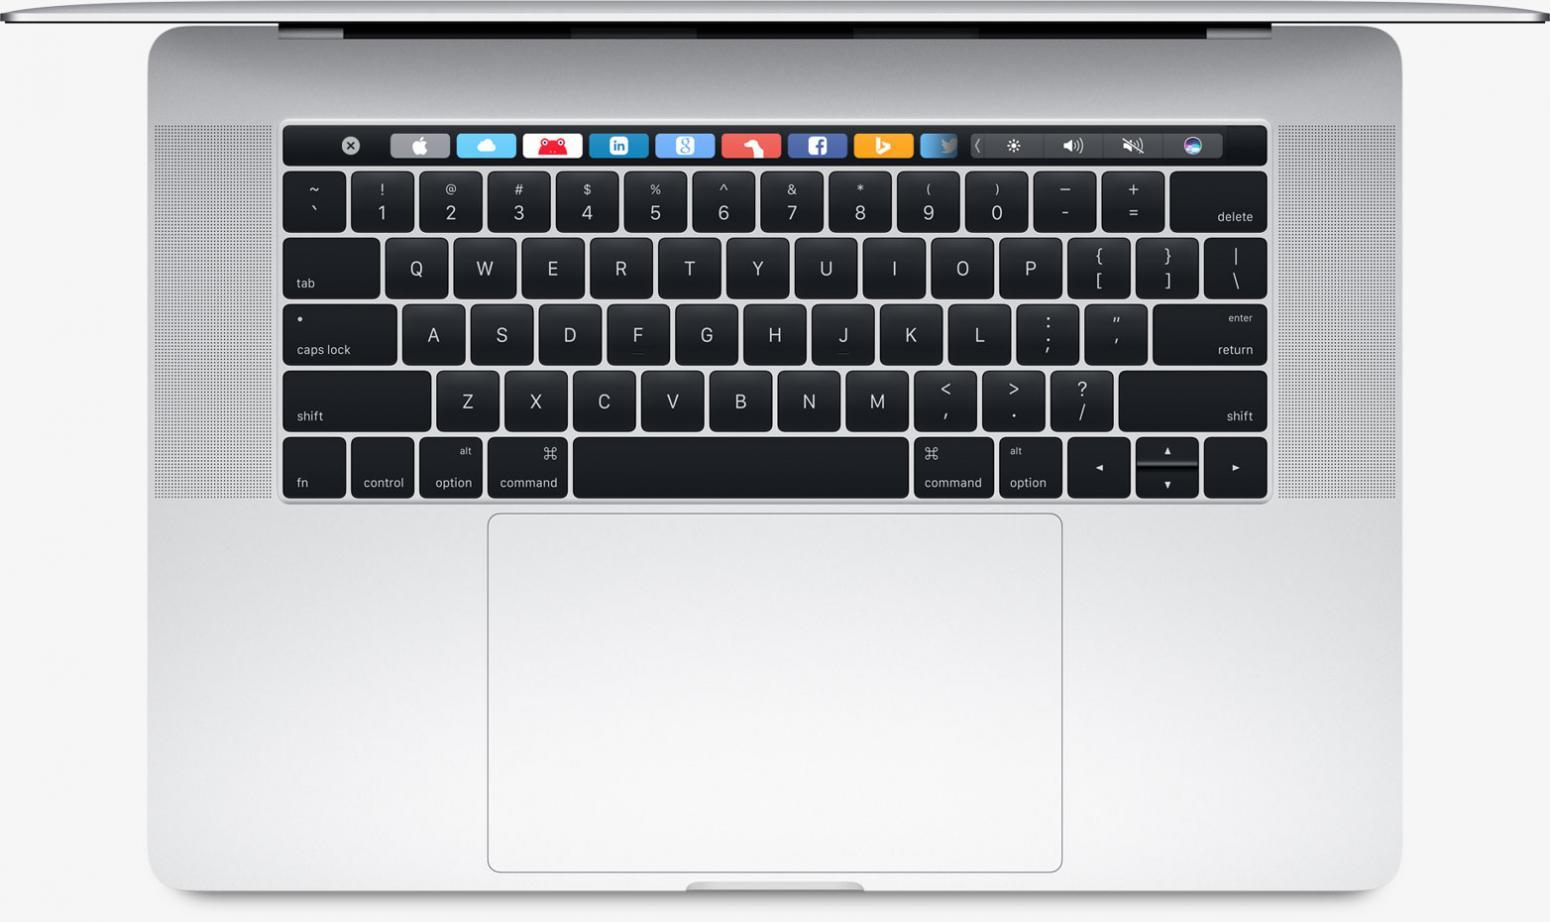 apple macbook pro retina 15 avec touch bar 512 go 2017 les meilleurs prix. Black Bedroom Furniture Sets. Home Design Ideas